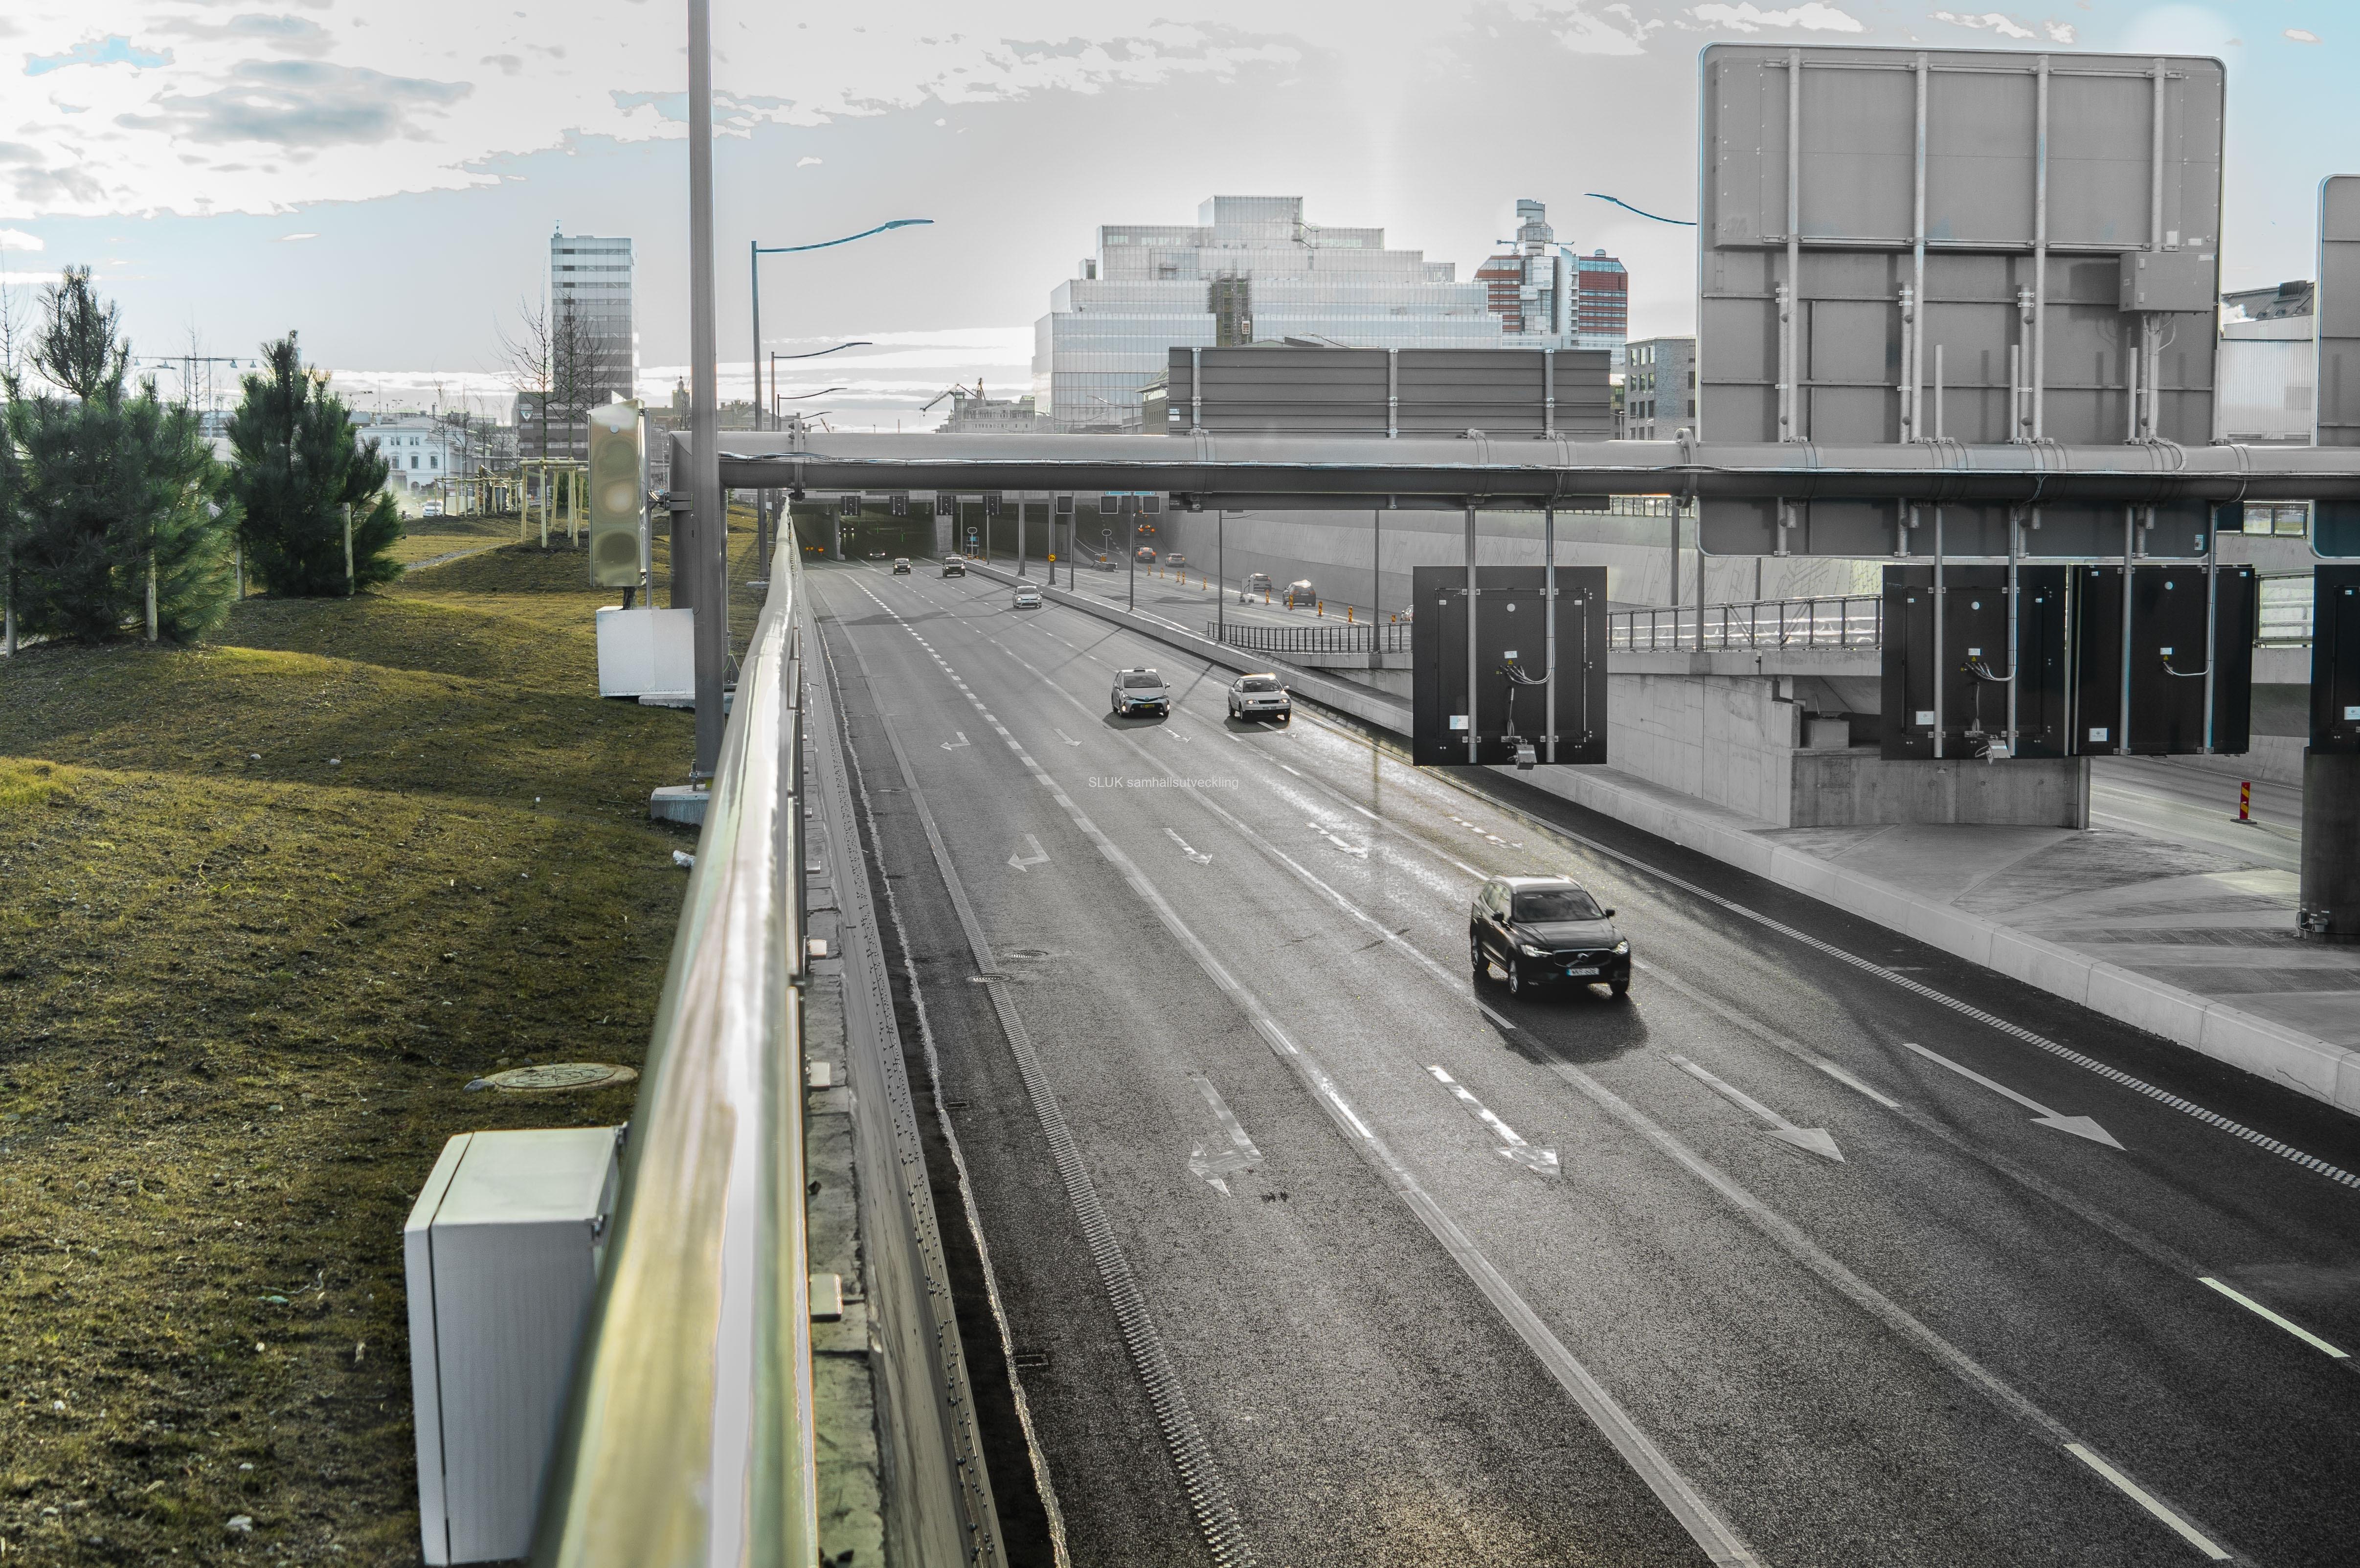 Den 16:e mars var delar av tunneln öppnad. Från Göteborg mot Stockholm, Olso och Malmö var tunneln och vägen öppnad.